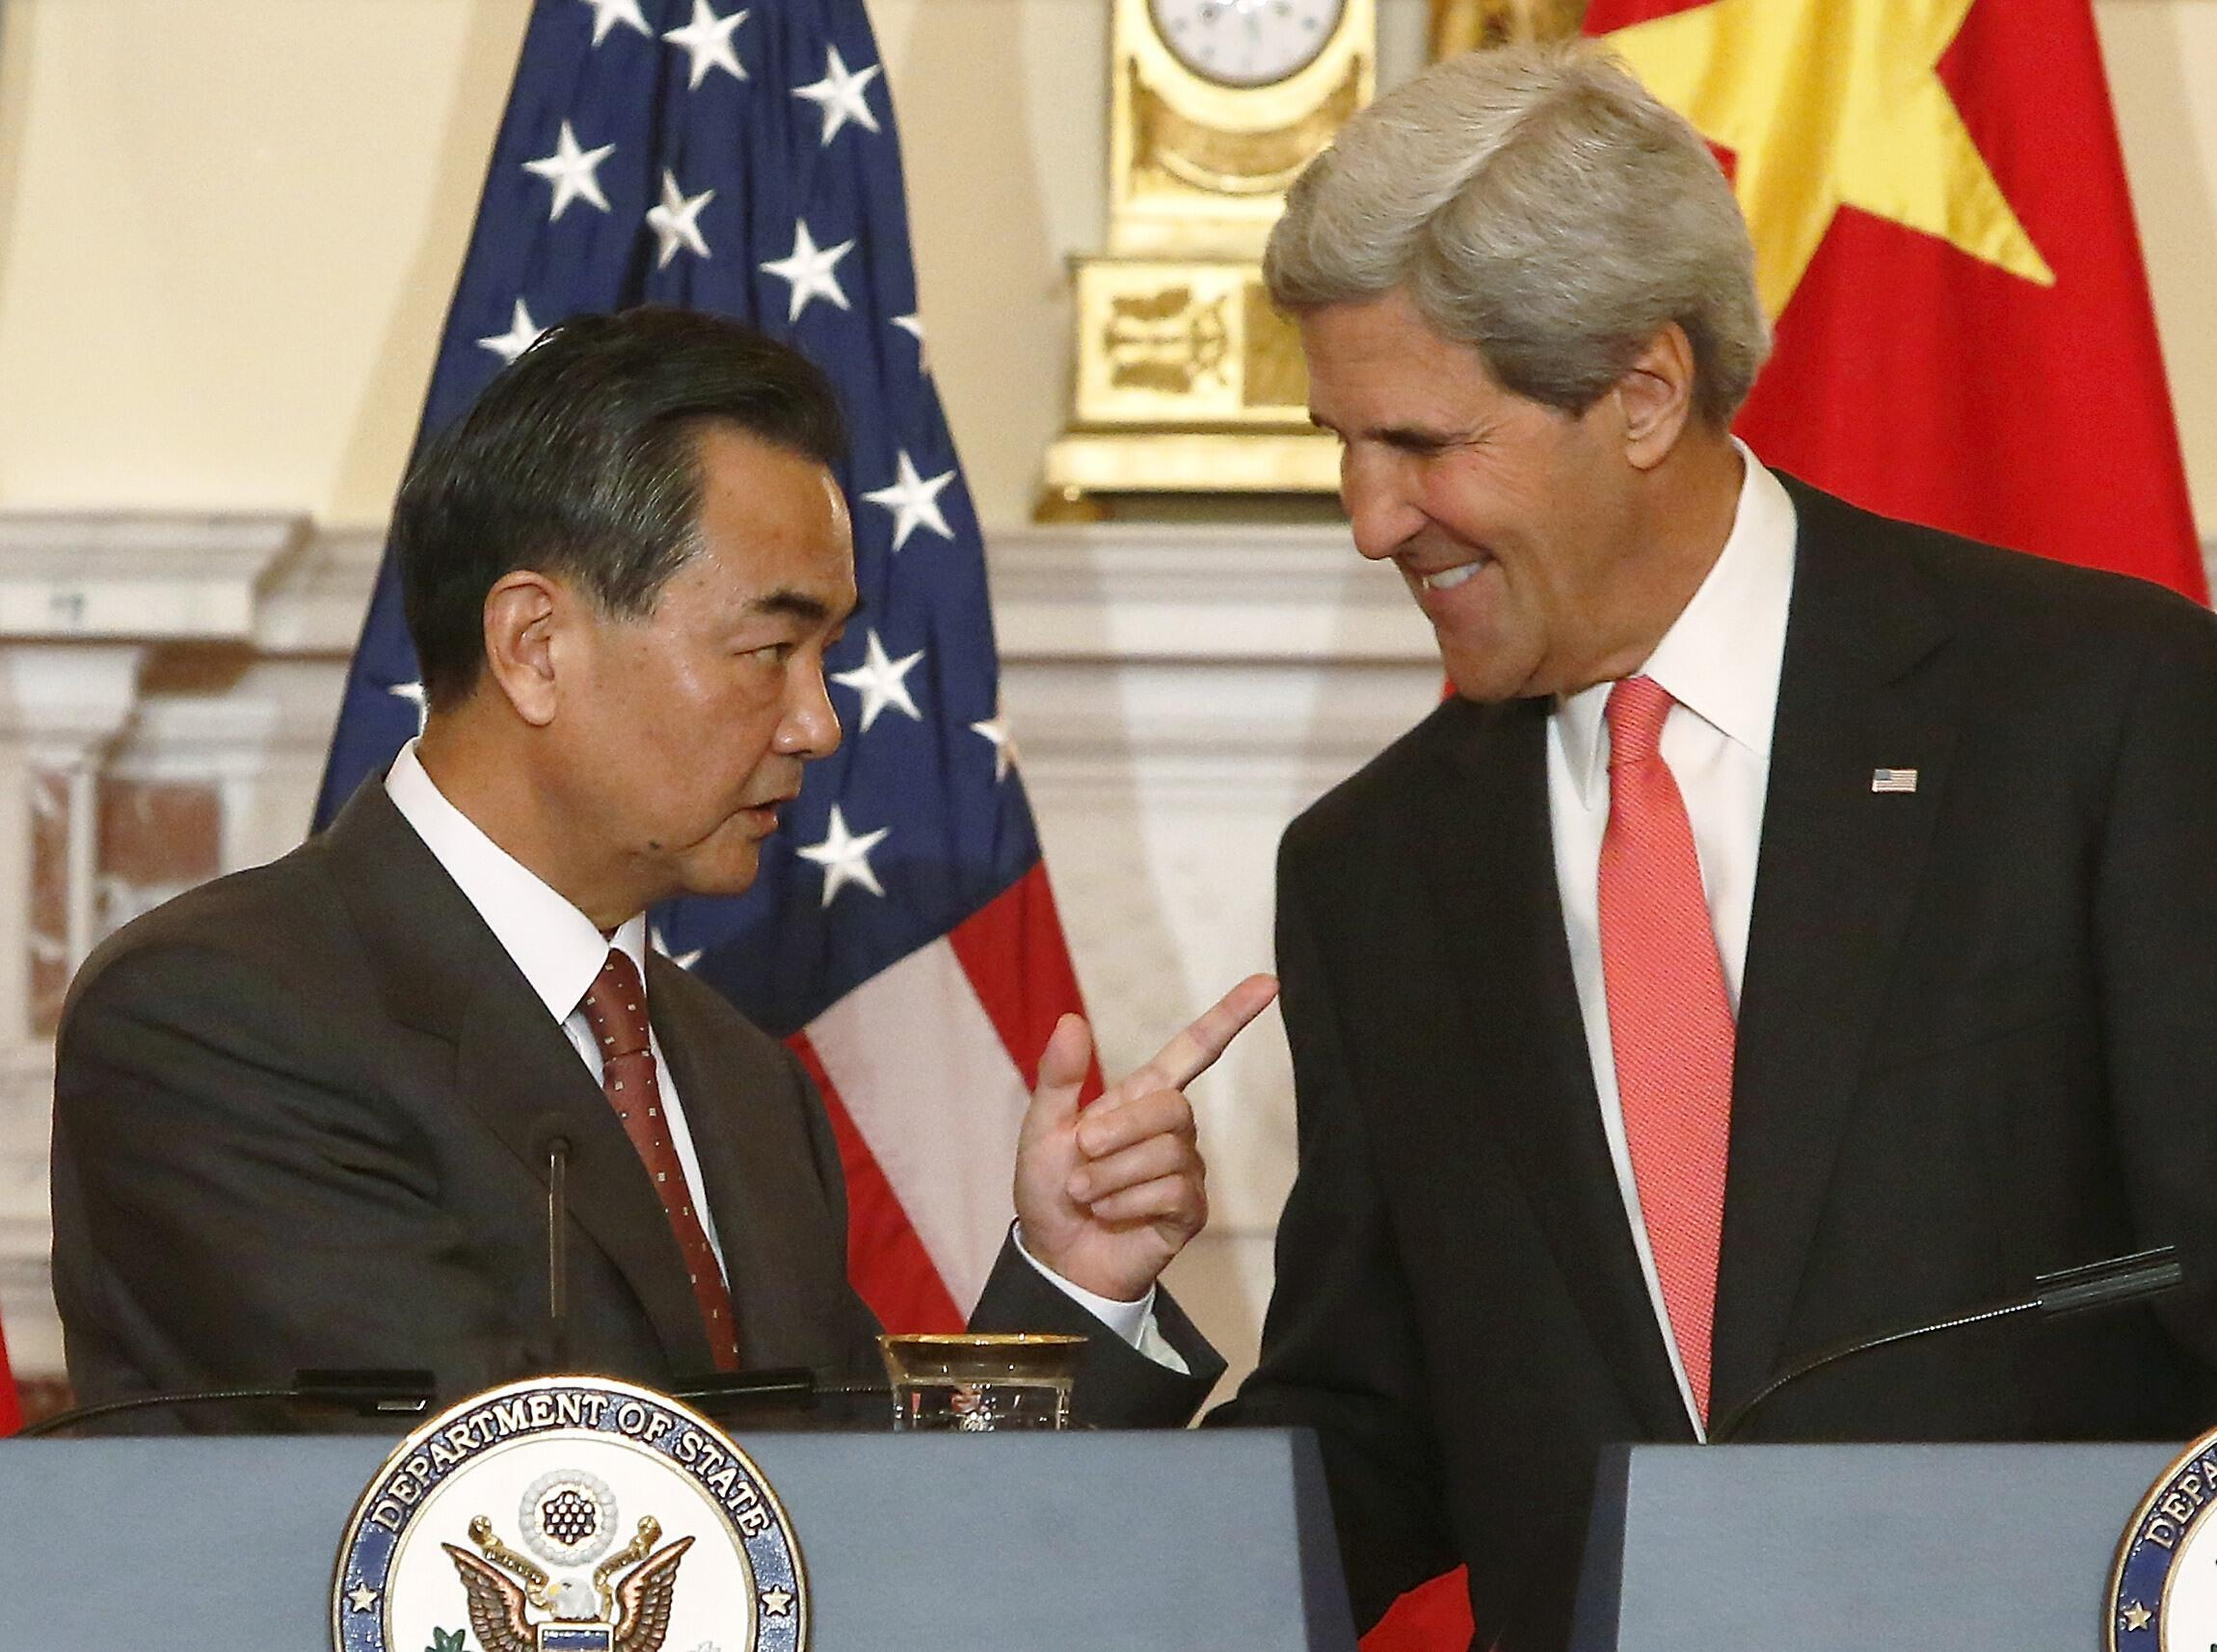 Ngoại trưởng Trung Quốc Vương Nghị (trái) và đồng nghiệp Mỹ John Kerry tại Washington trước cuộc gặp song phương ngày 19/9/2013.